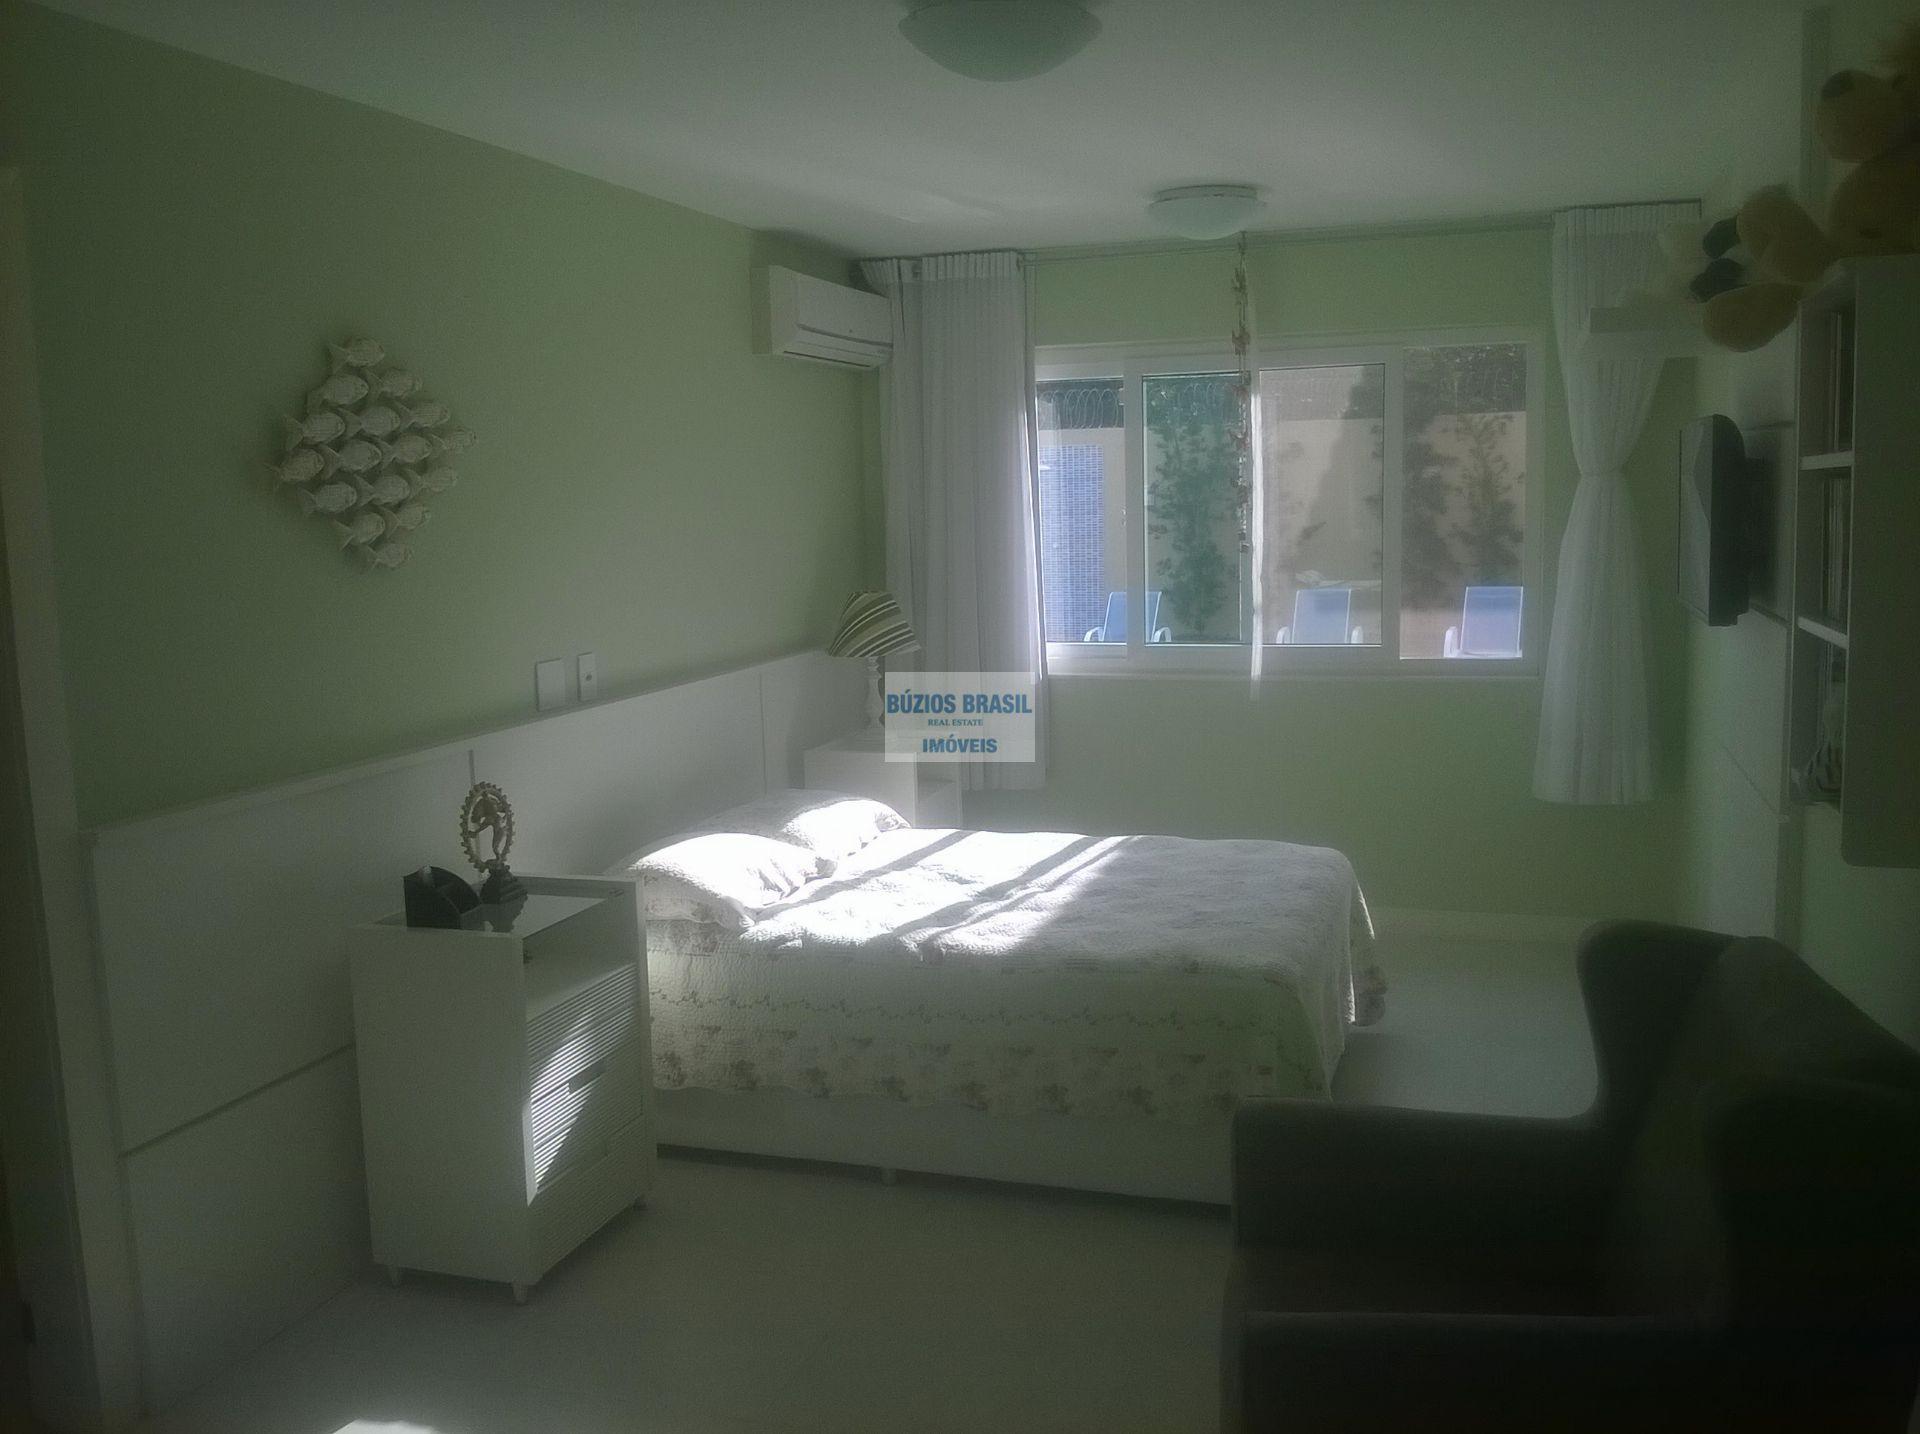 Casa em Condomínio para alugar Avenida José Bento Ribeiro Dantas,centro, Armação dos Búzios - LTC6 - 14